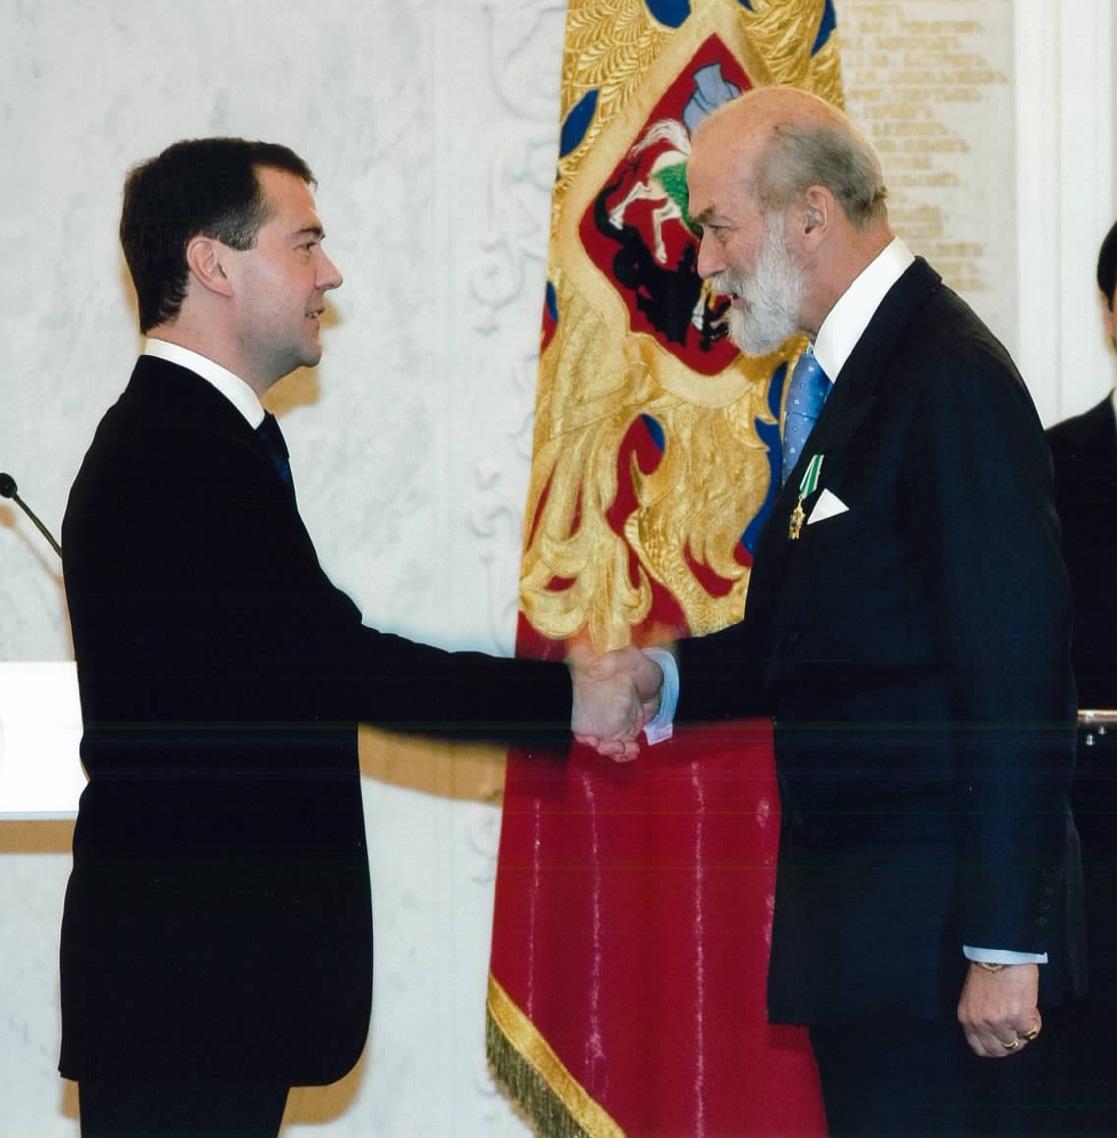 Дмитрий Медведев и Приц Майкл Кентский в Кремле